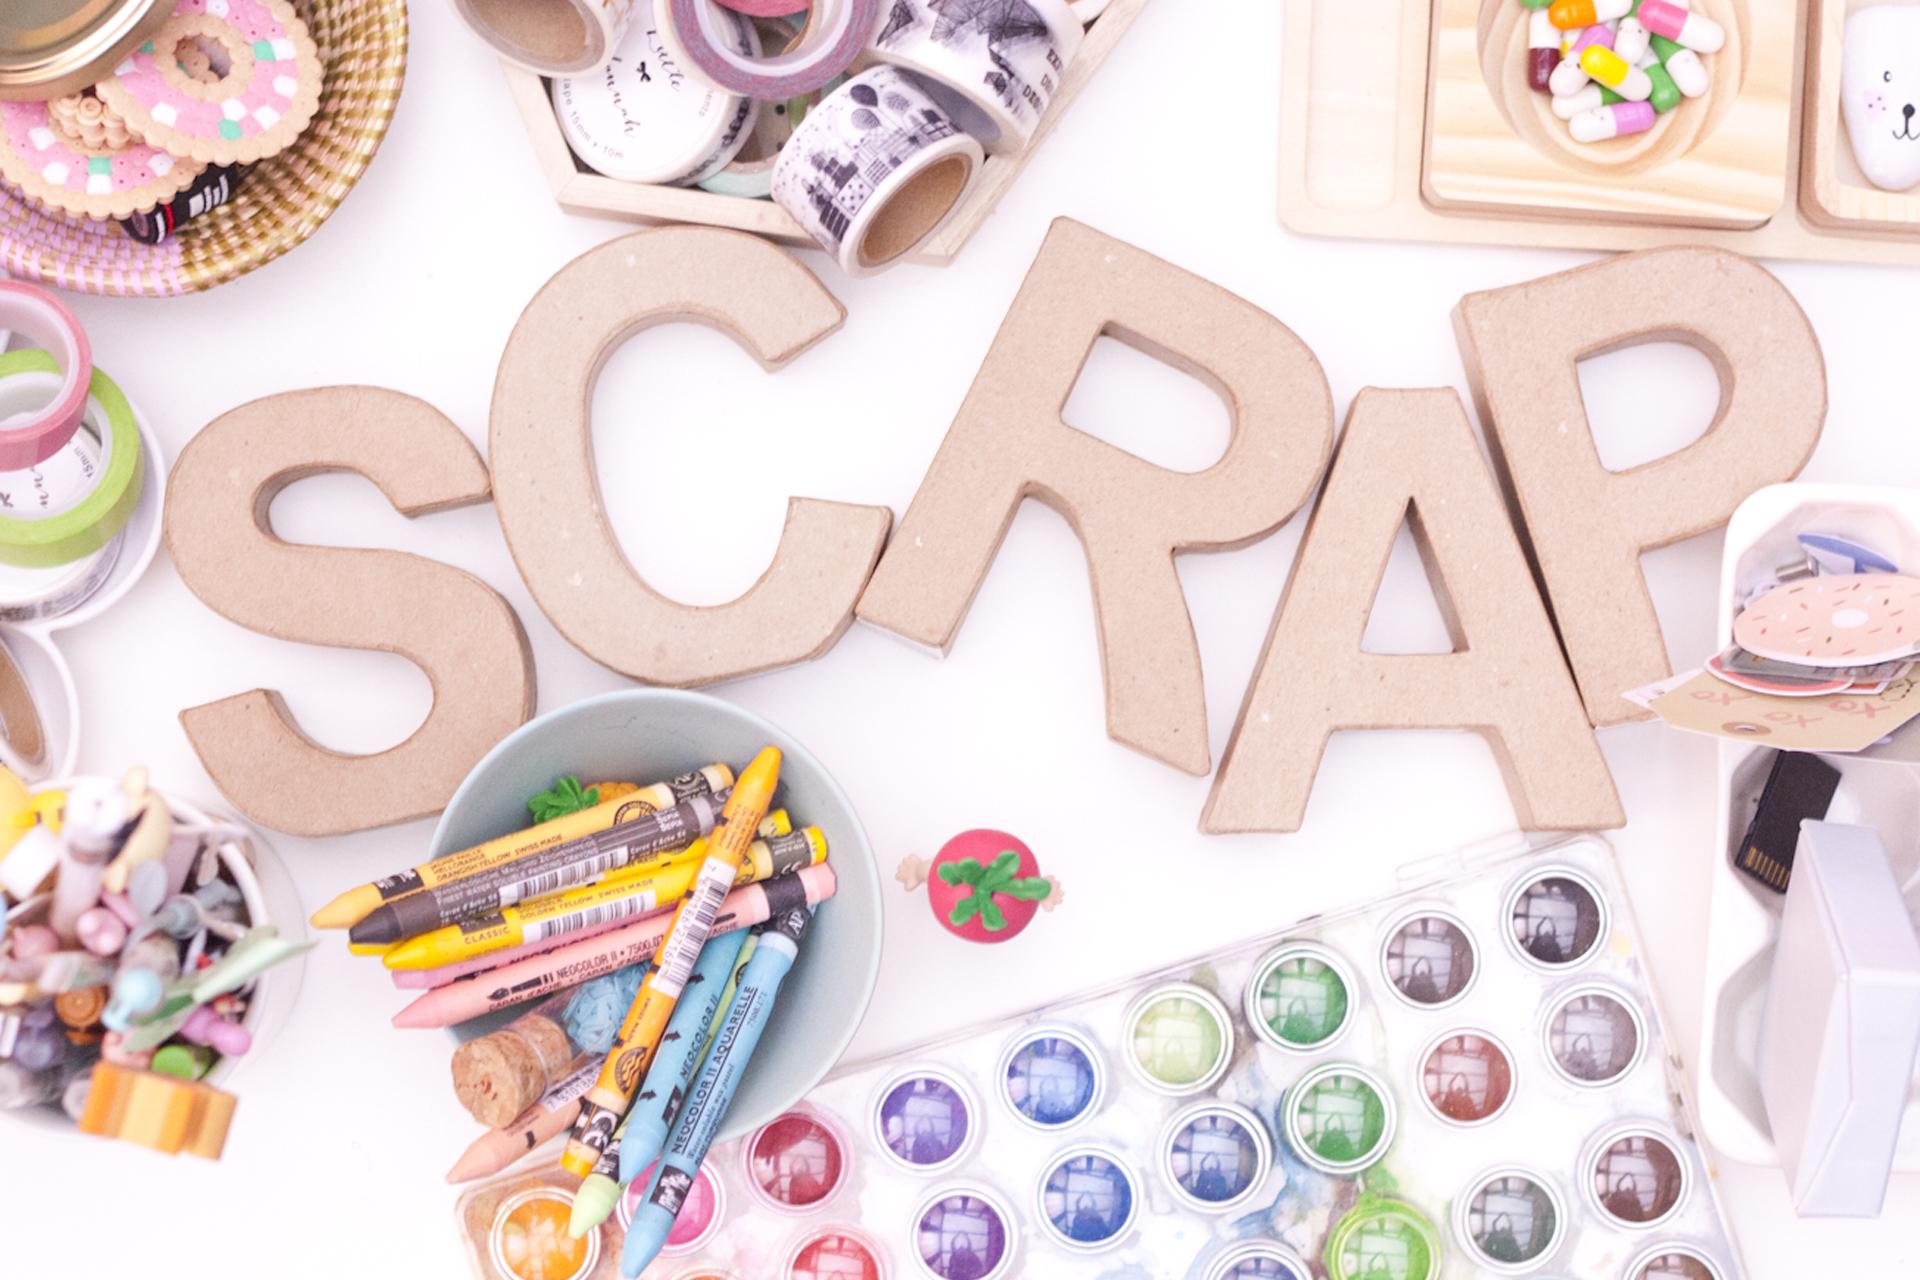 ¿Qué es el SCRAPBOOKING?